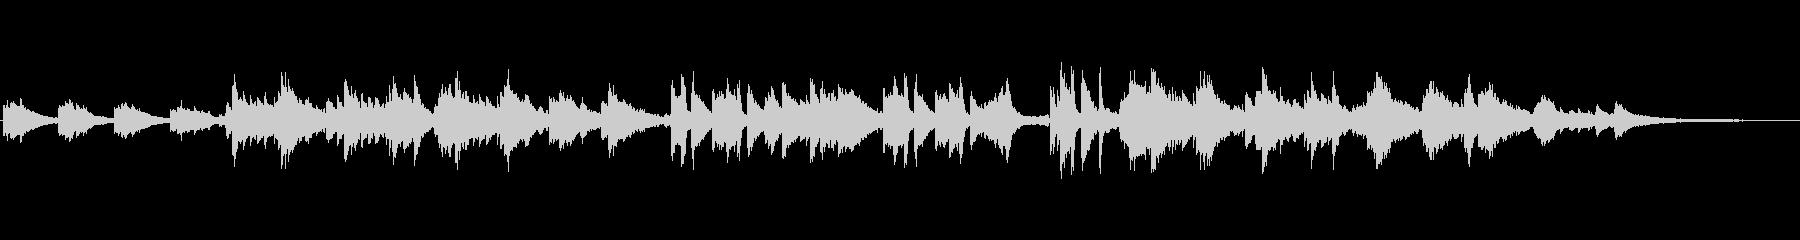 ピアノのさわやかな軽めのポップスの未再生の波形